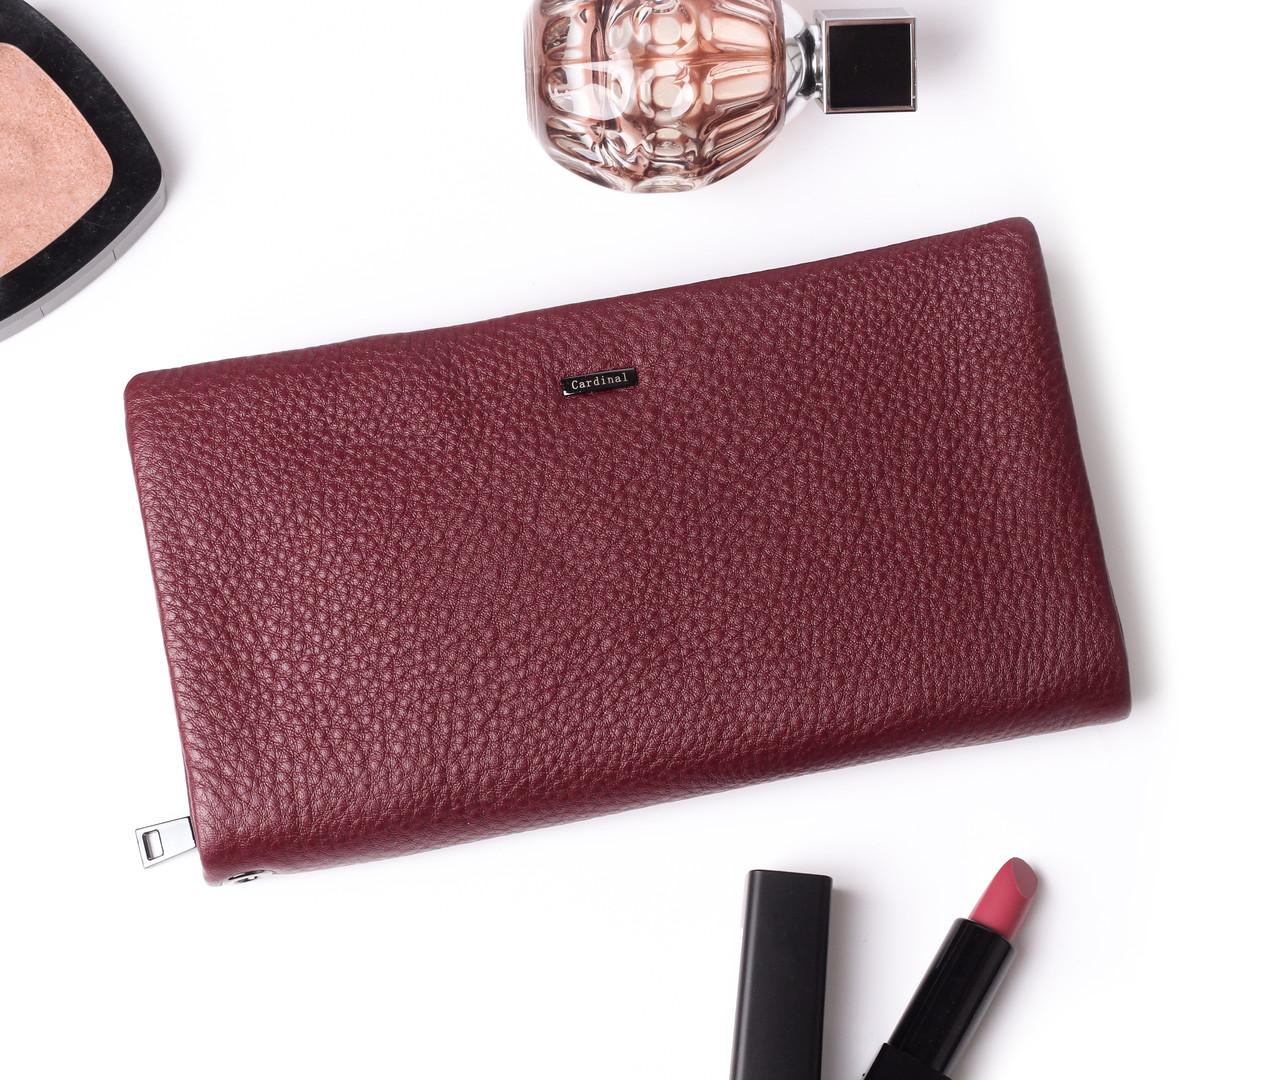 Жіночий бордовий гаманець Cardinal великий клатч з натуральної шкіри портмоне